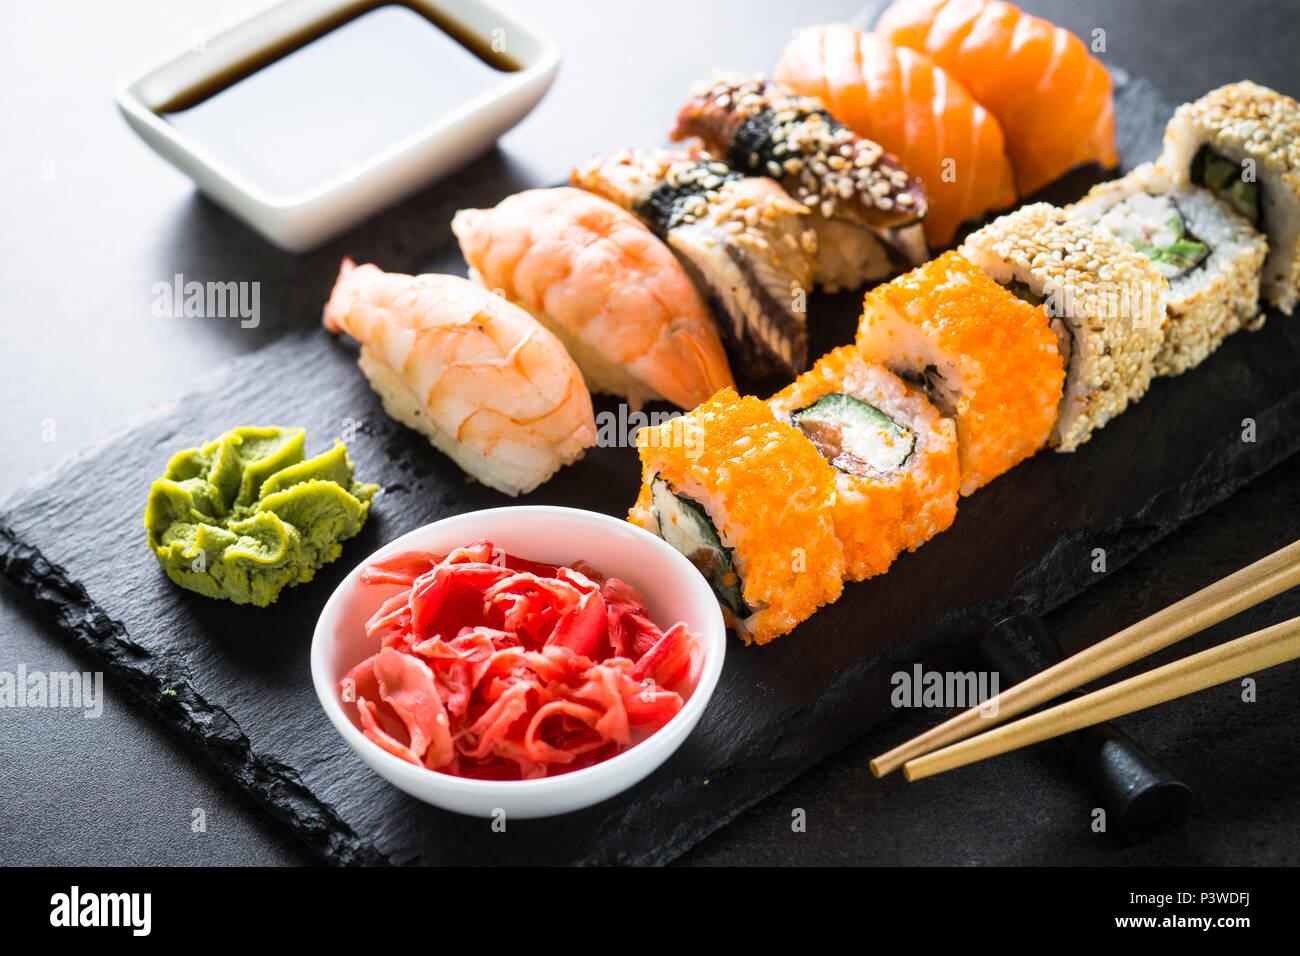 Sushi et sushi roll set sur table en pierre noire. Cuisine asiatique traditionnelle. Photo Stock